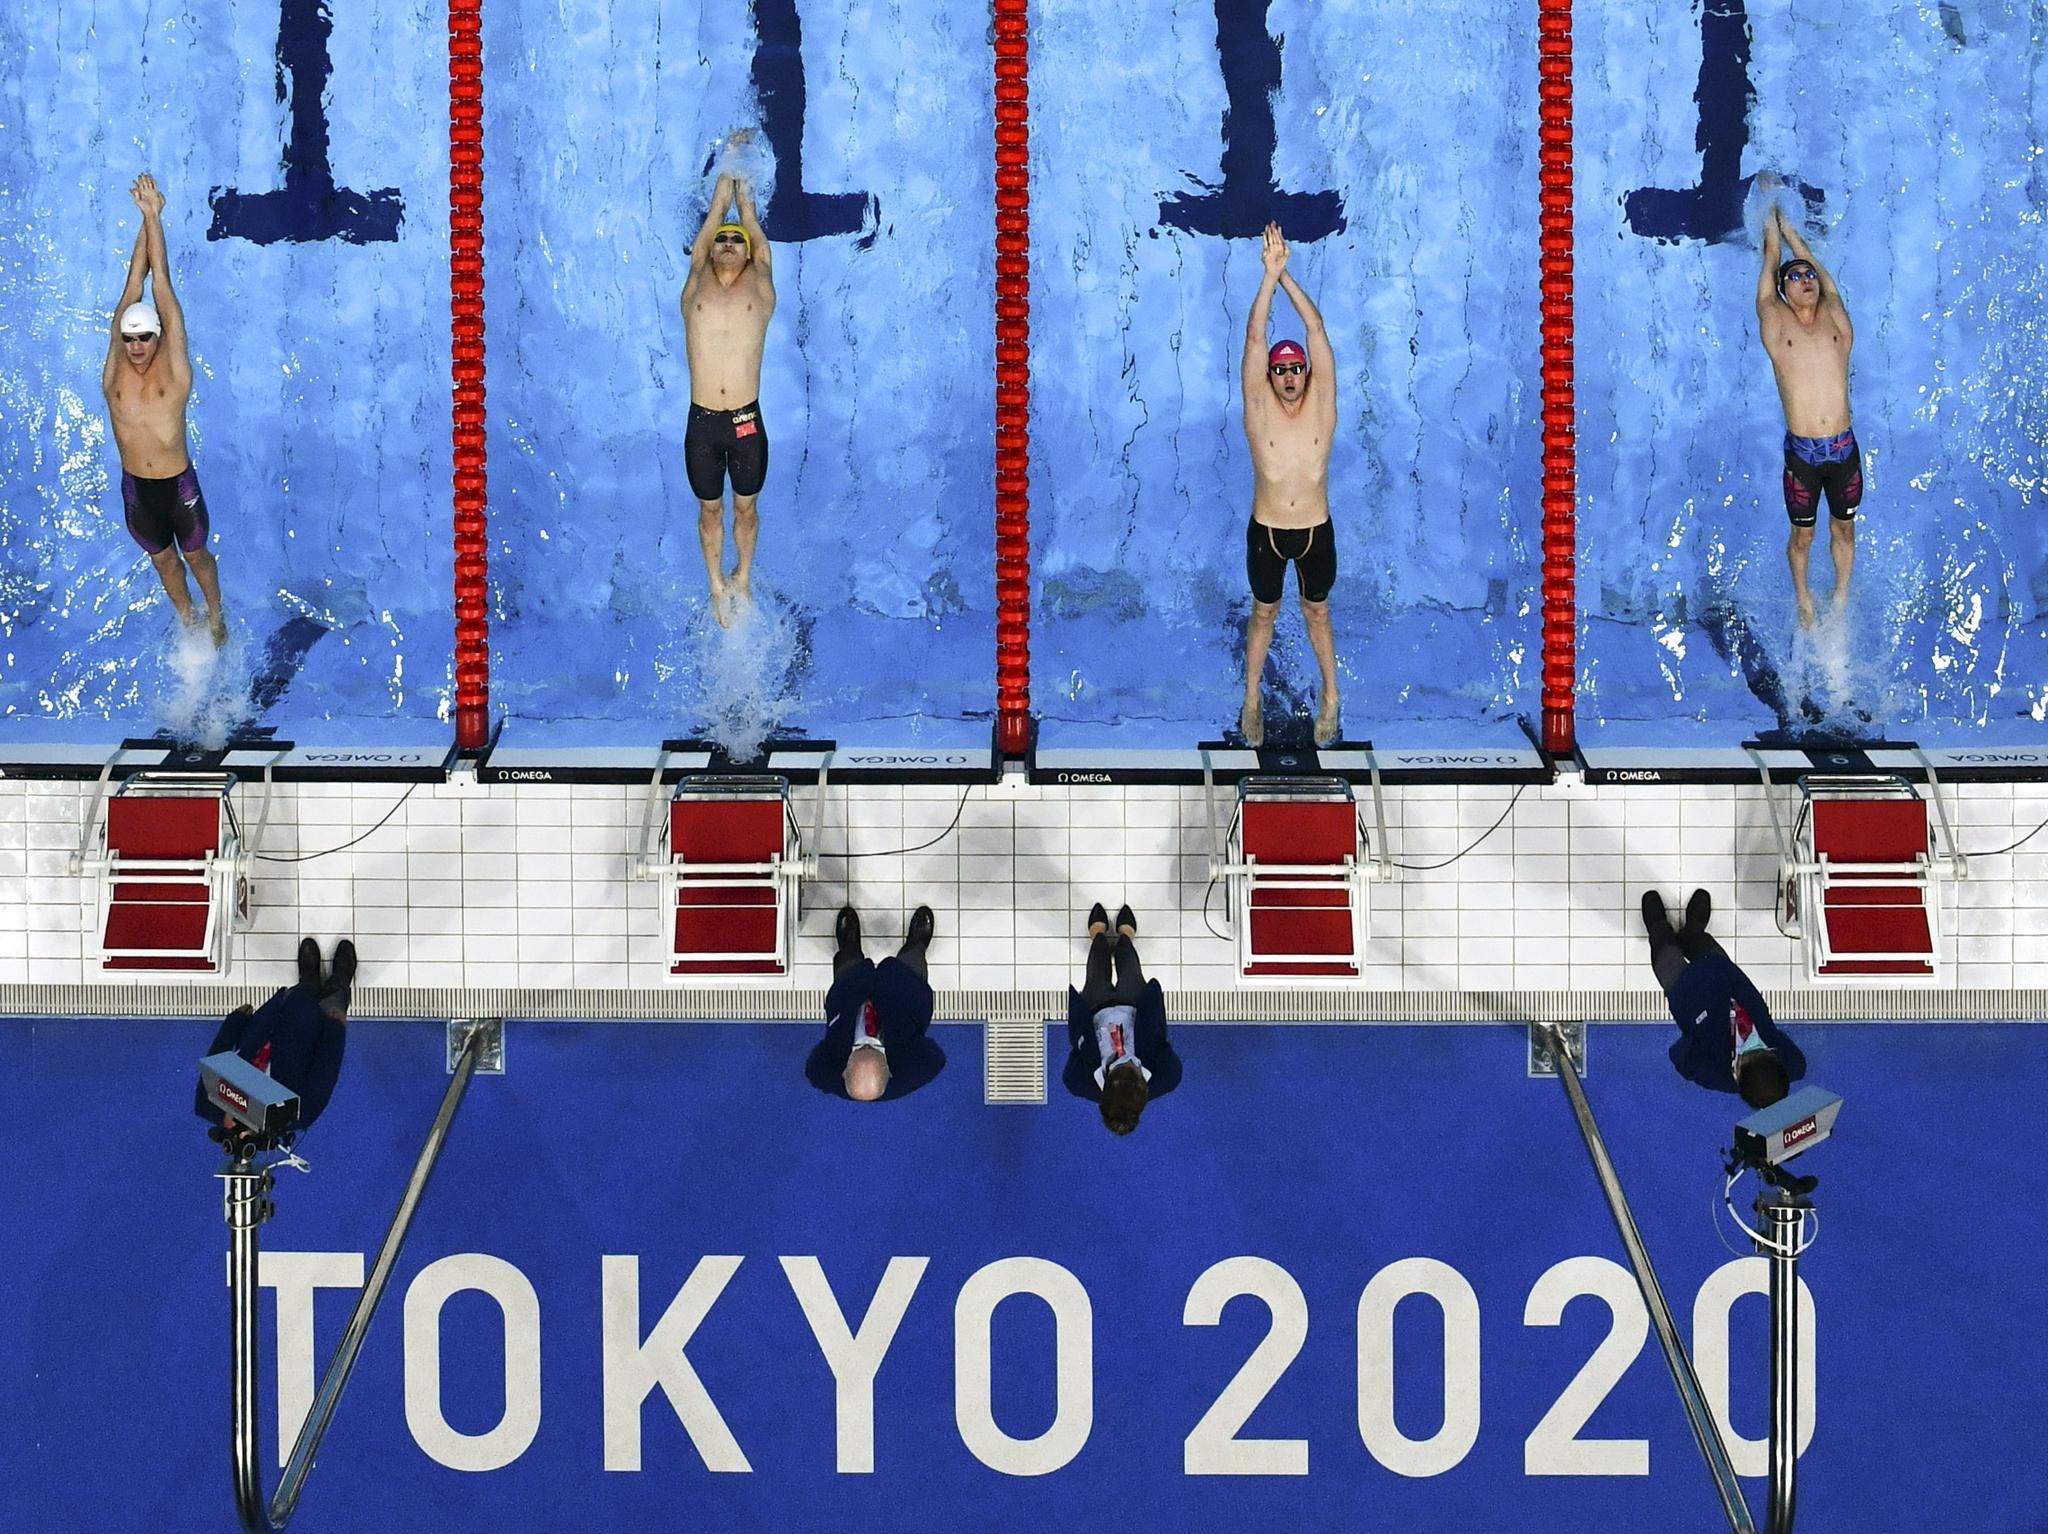 游泳——徐嘉余晋级男子100米仰泳决赛